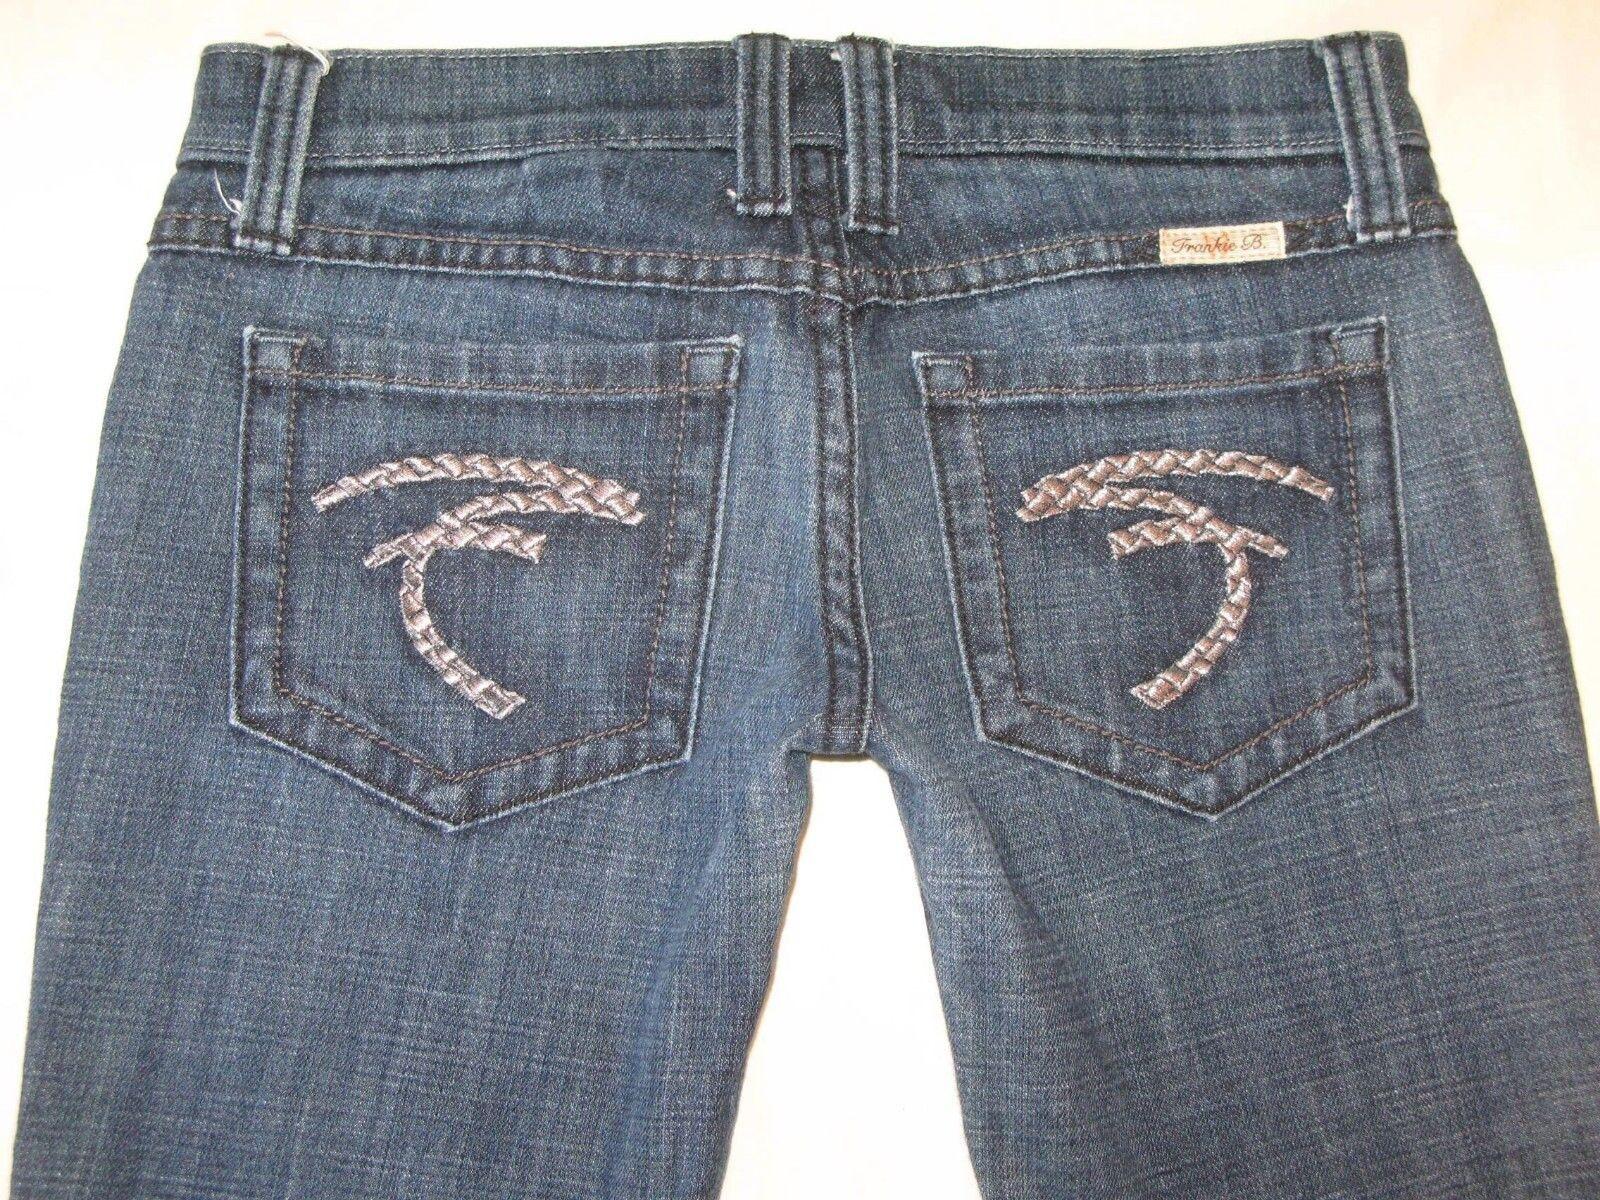 Frankie B Ausgestellte Jeans Sz 2 Niedrig Sitzende Silber Geflochten F Taschen | Ausgezeichnet (in) Qualität  | Optimaler Preis  | Hohe Qualität  | Neue Produkte im Jahr 2019  | Verkaufspreis